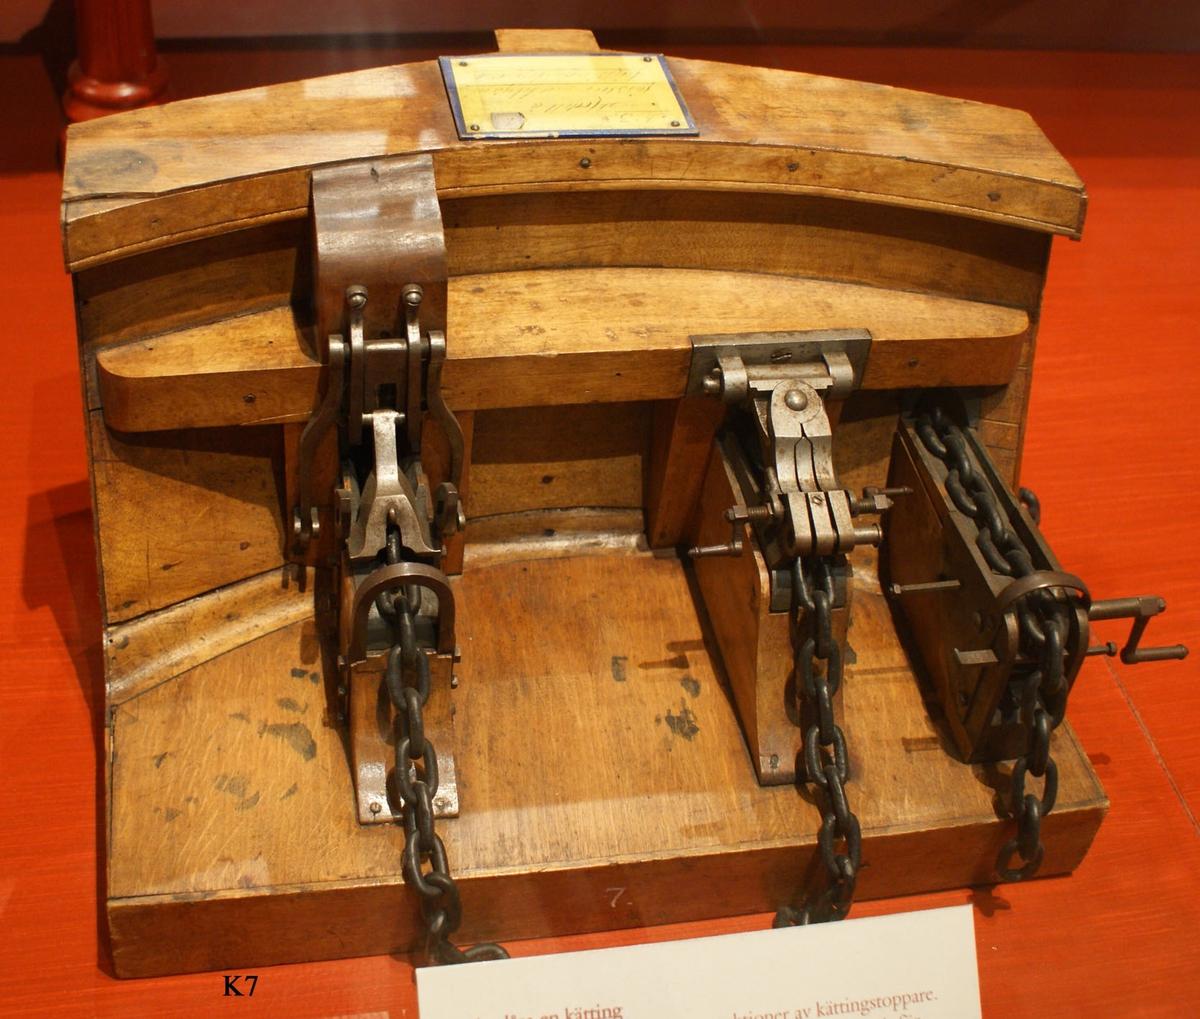 Modell av förstäv med tre olika system med kättingstoppare placerade bredvid varandra. Modellen tillverkad av trä, kättingstopparna, kättinglås, delvis av järn. Kättingarna är sekundära. Fernissad.